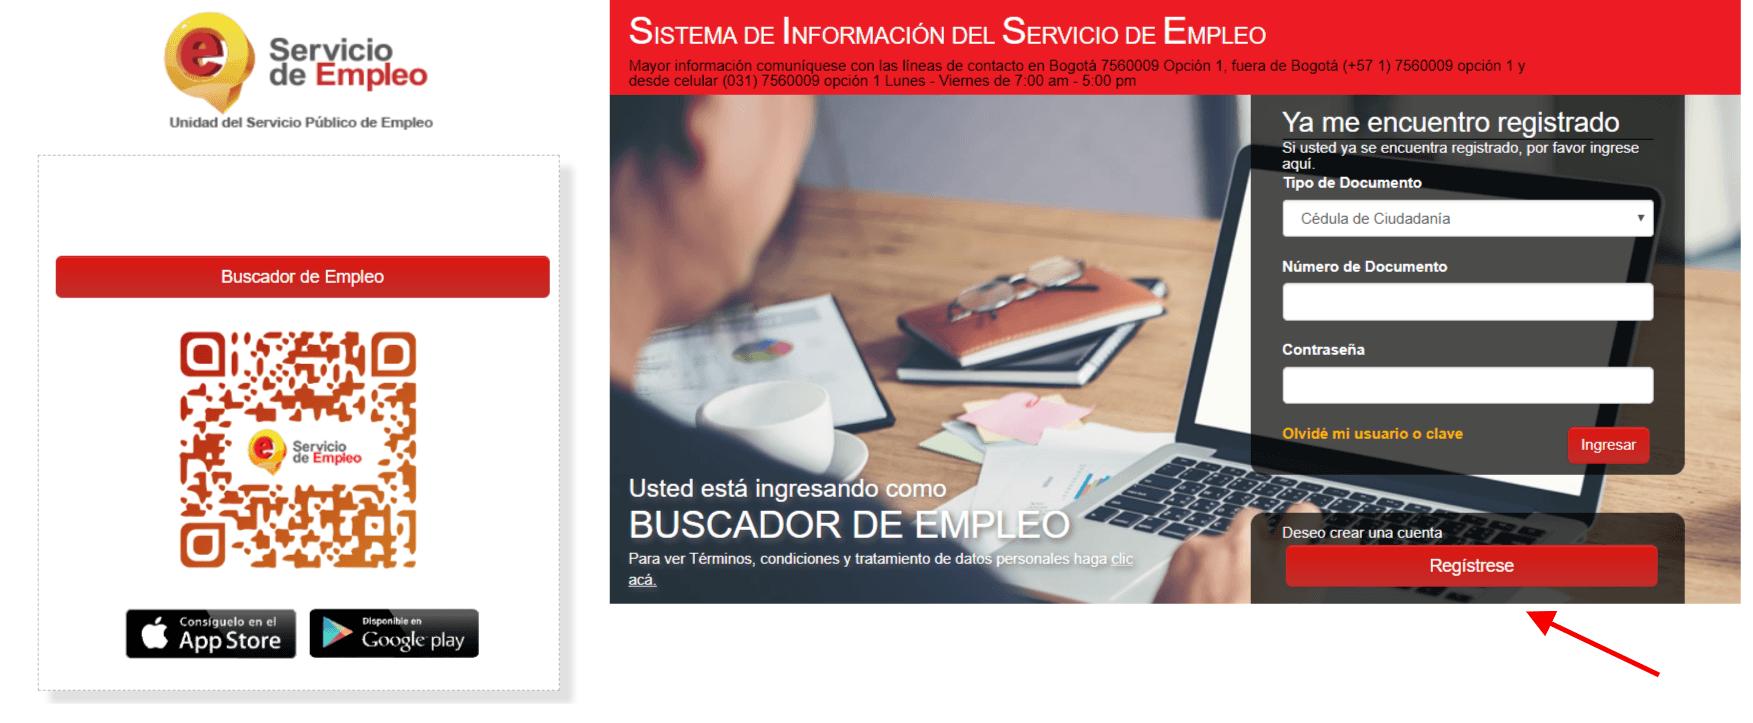 Cómo buscar trabajo en el Servicio Público de Empleo 2